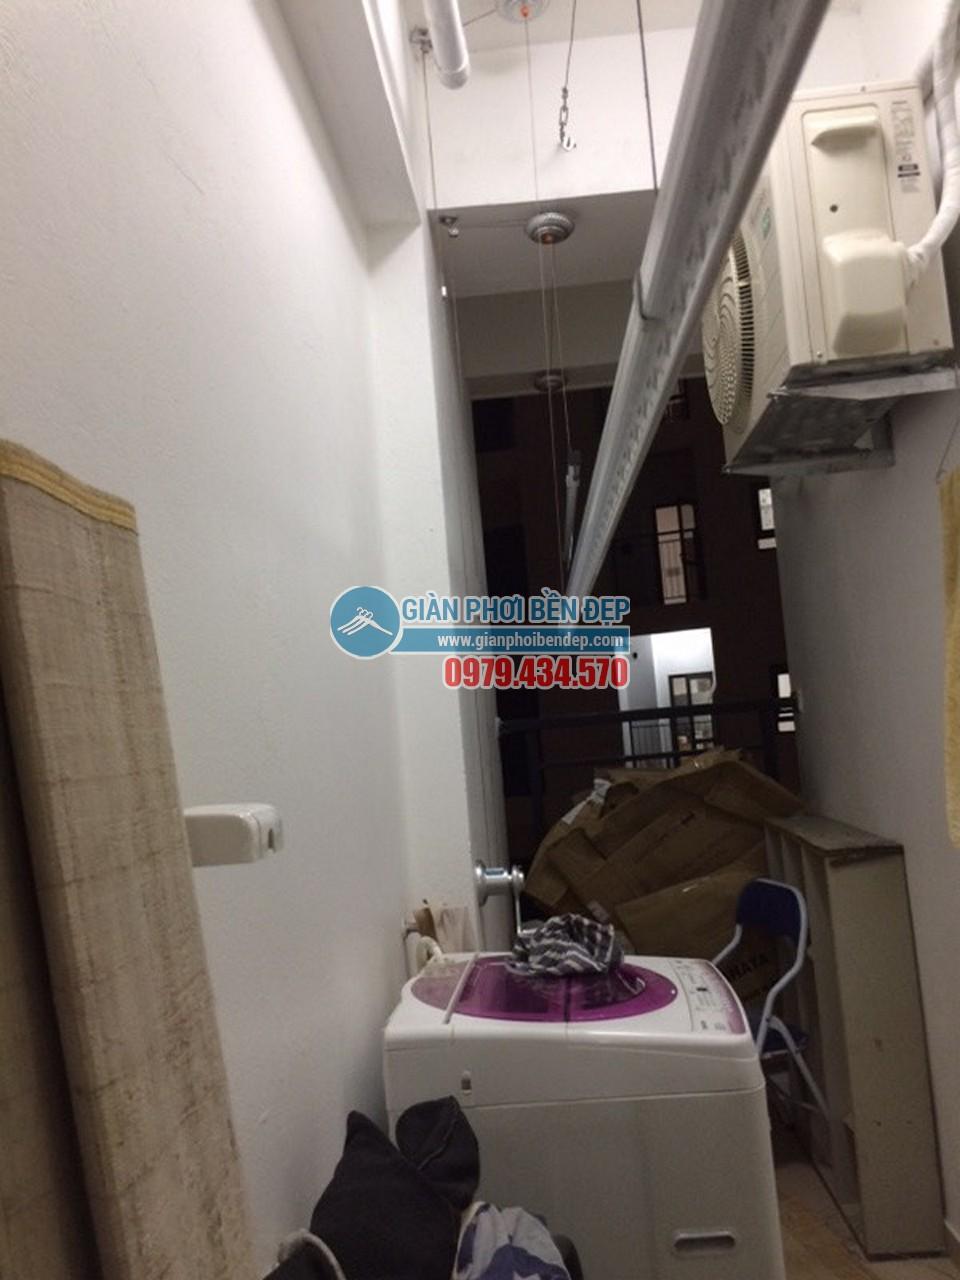 Lô gia chặt hẹp thay đổi nhờ lắp đặt giàn phơi thông minh nhà cô Lĩnh, Hateco Hoàng Mai - 06